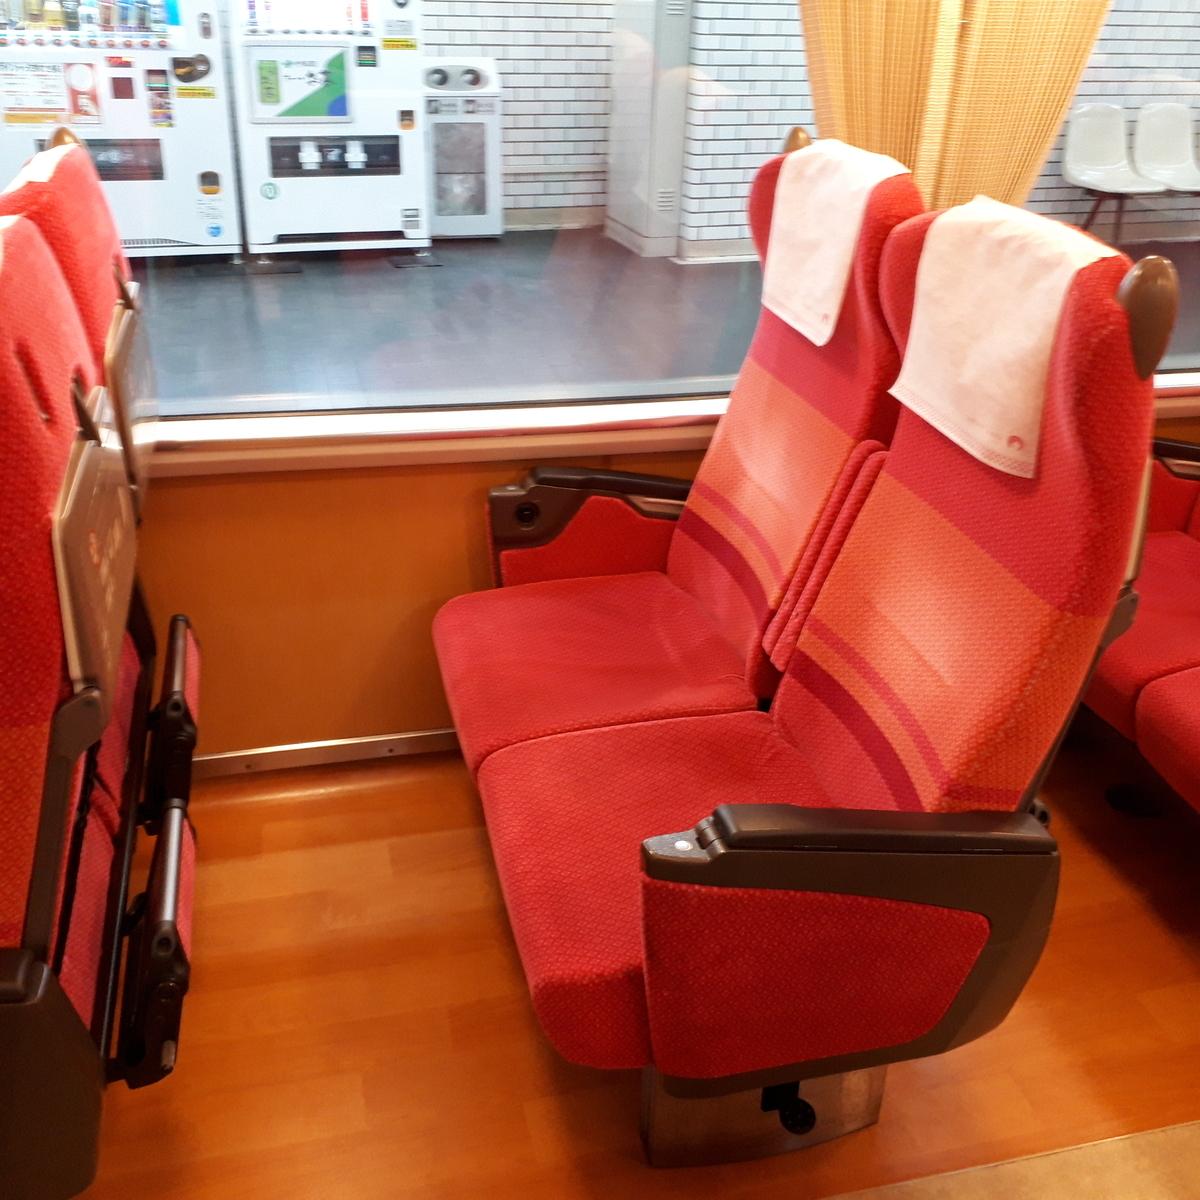 近鉄 さくらライナー 26000系 レギュラーカー 座席